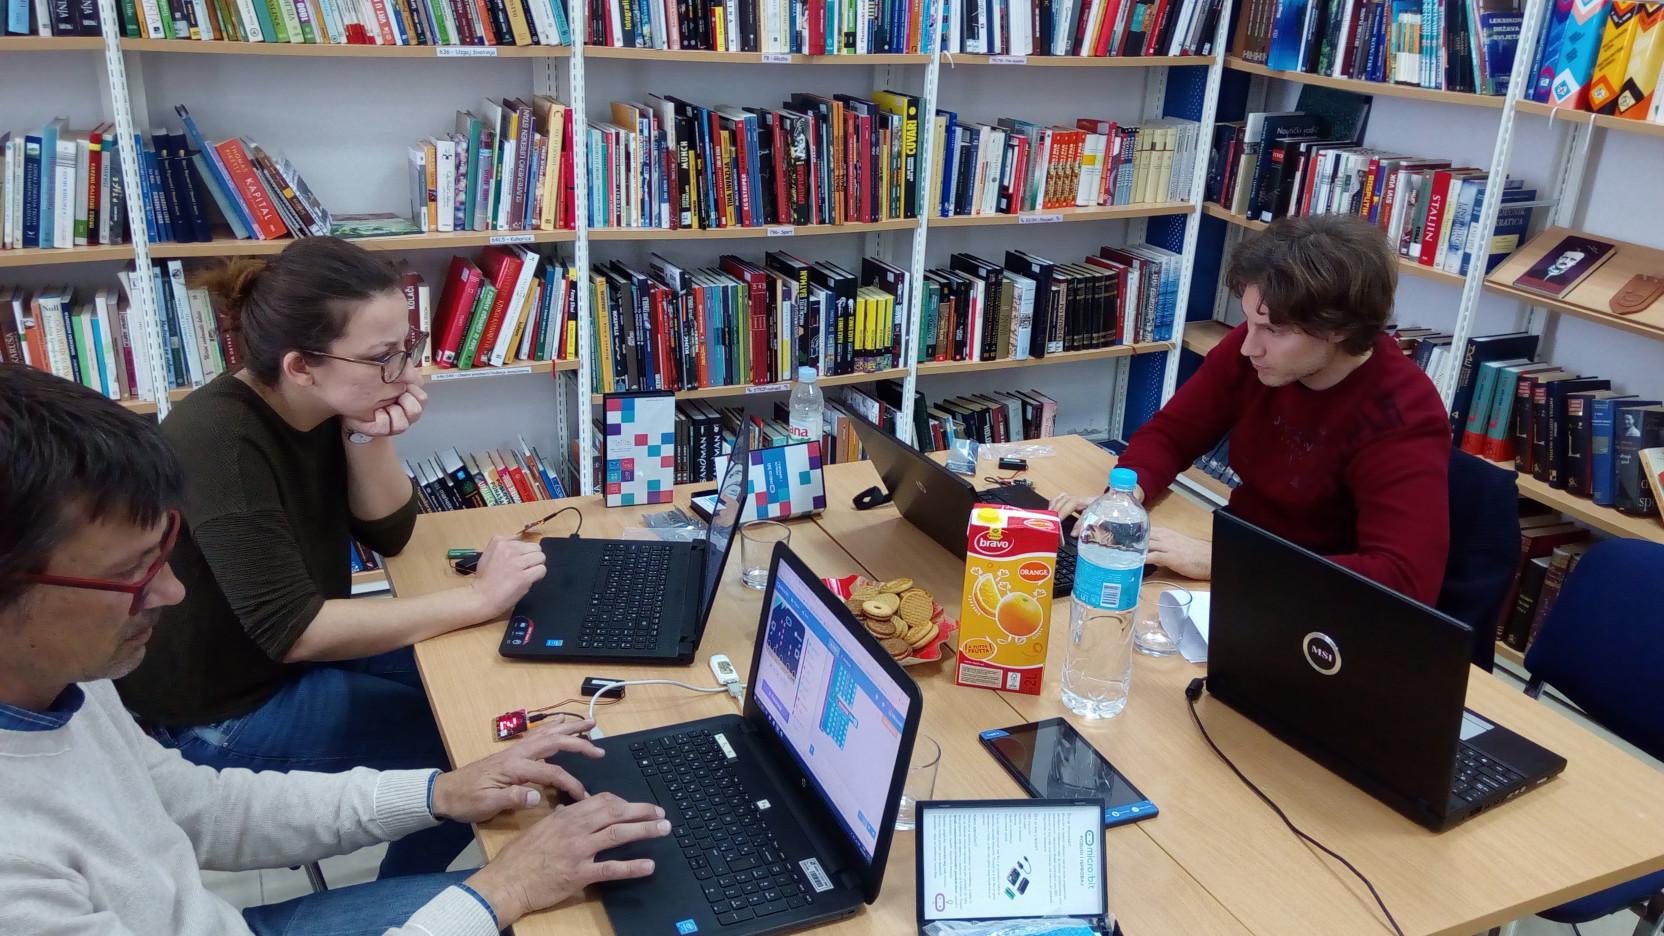 internetsko druženje za starije odrasle osobe